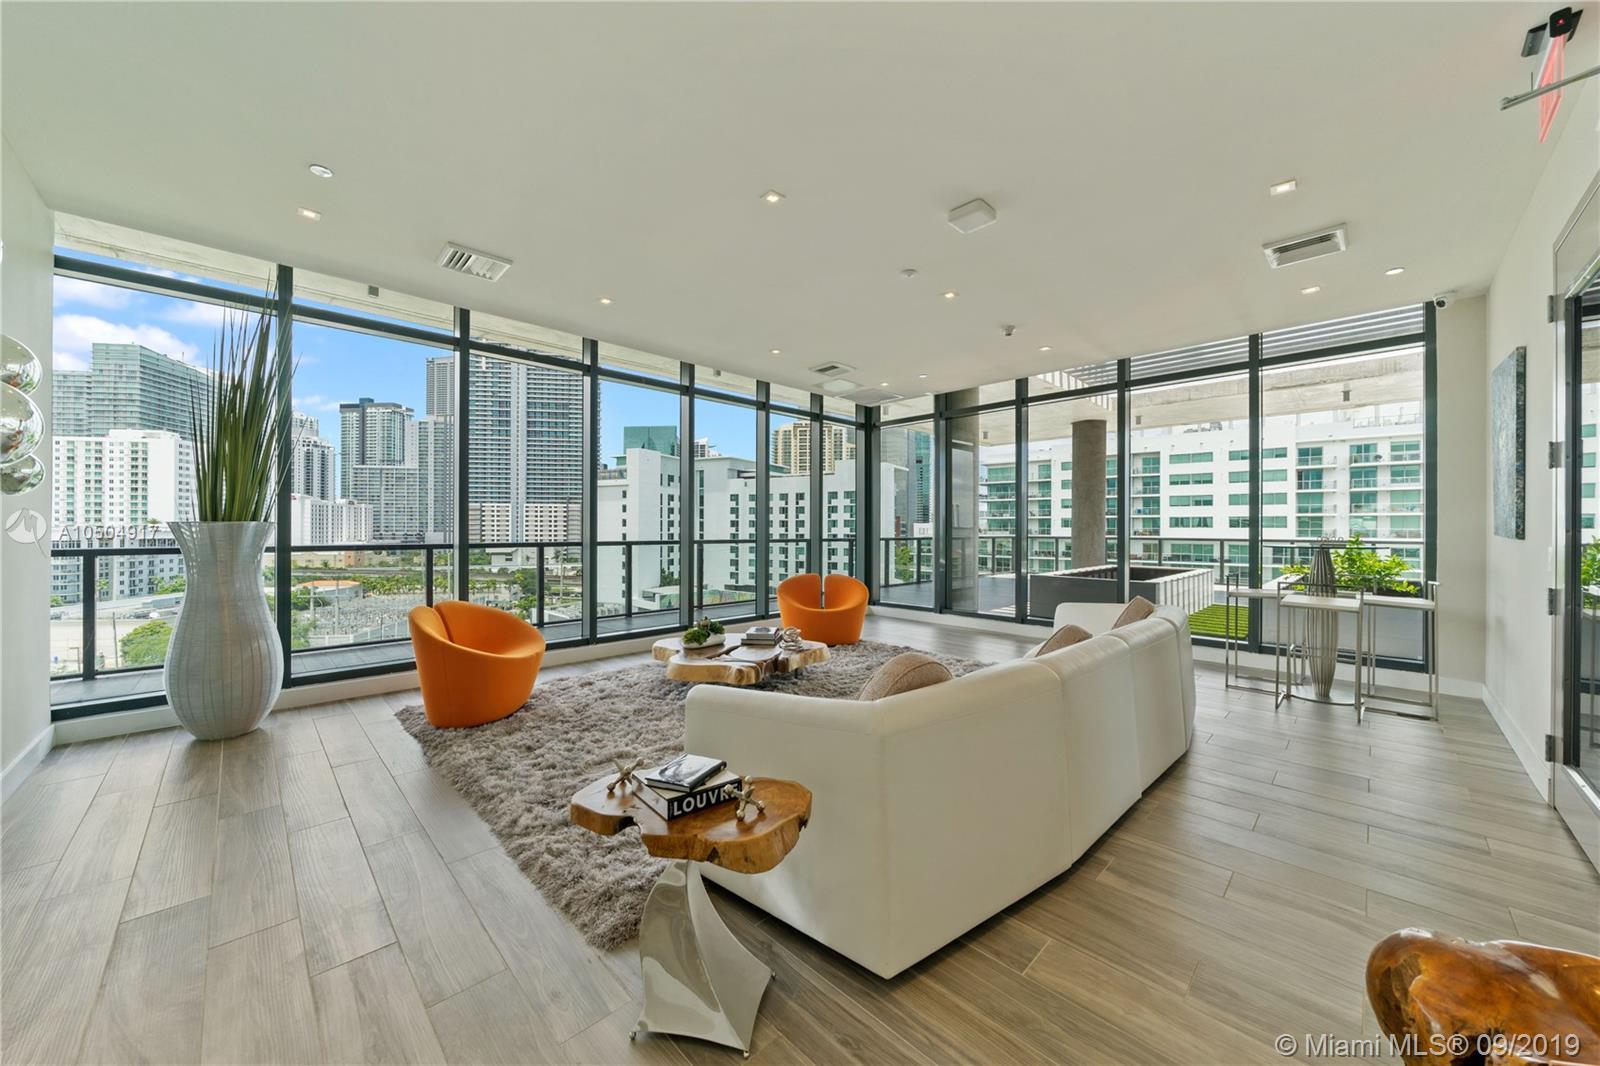 201 SW 17th Rd, Miami, FL 33129, Cassa Brickell #602, Brickell, Miami A10504917 image #2